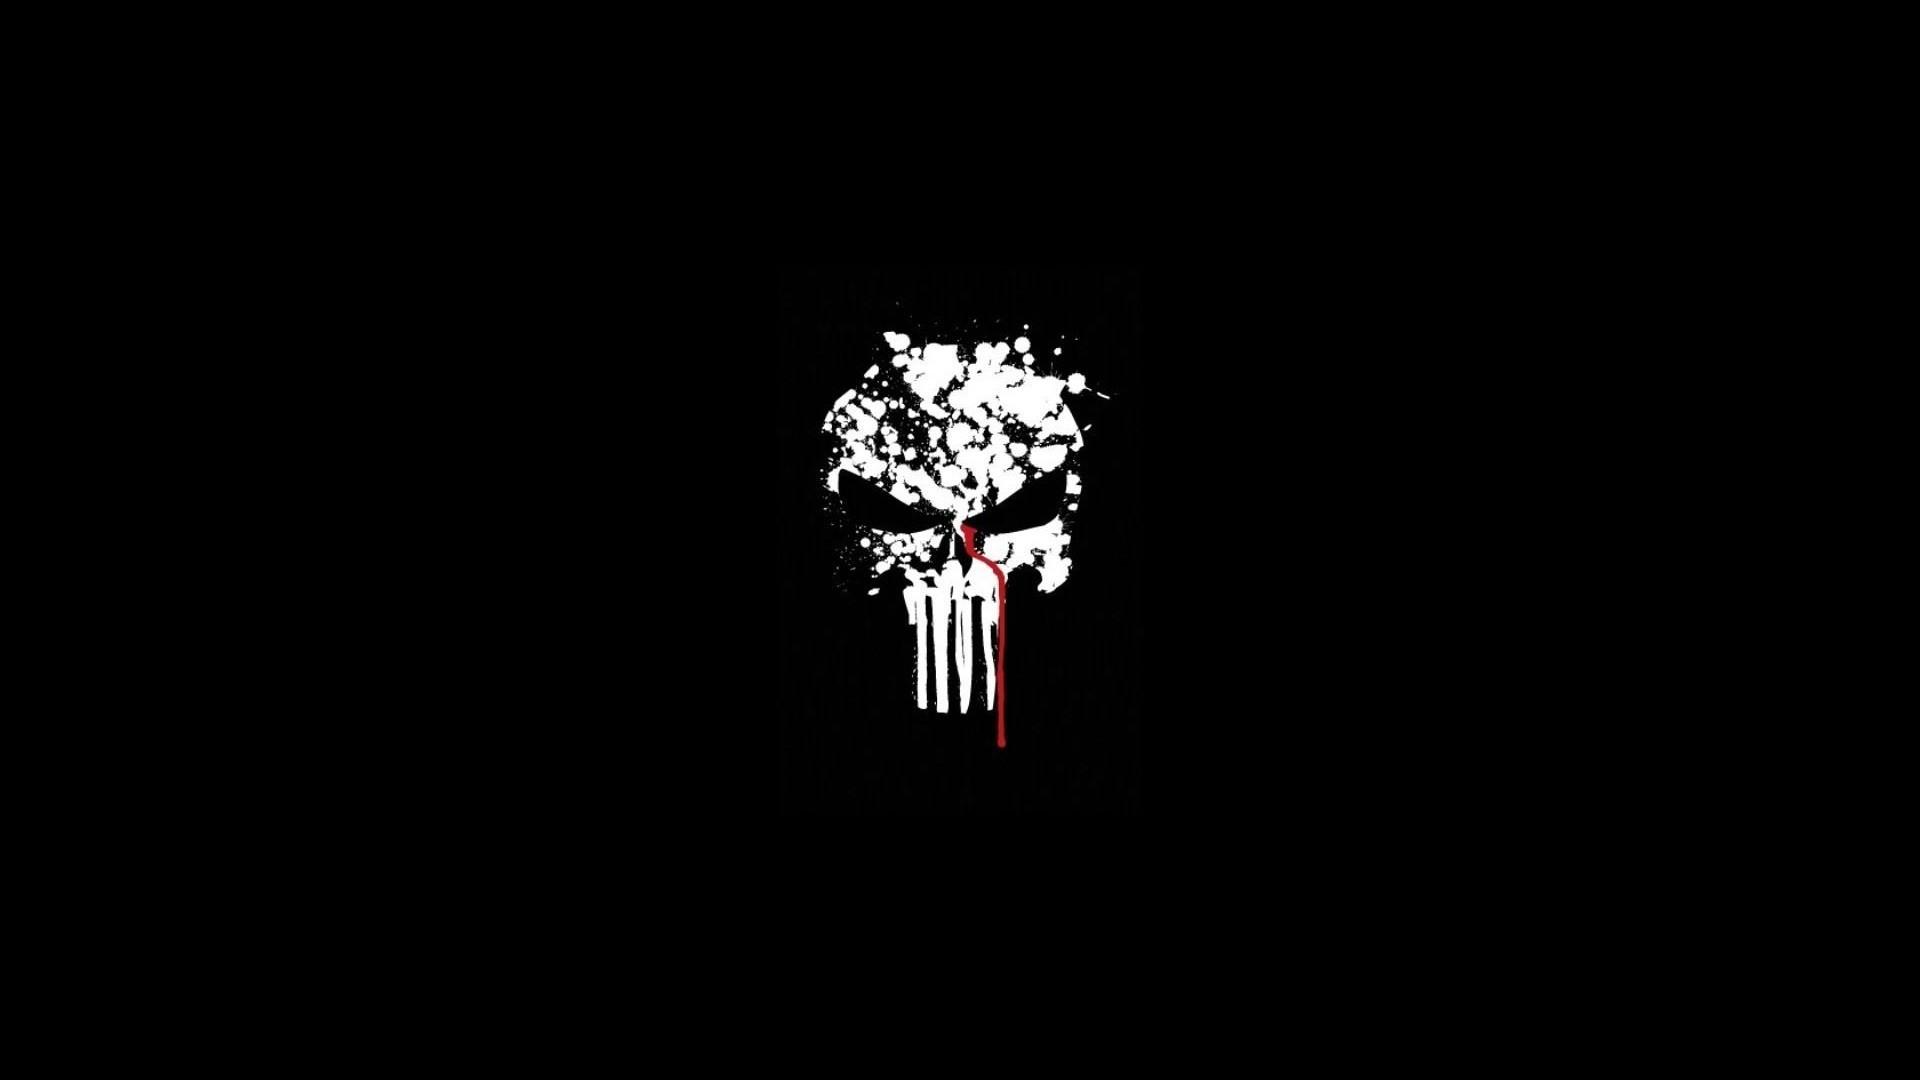 The Punisher Skull, Black Background (1080p) – Wallpaper .